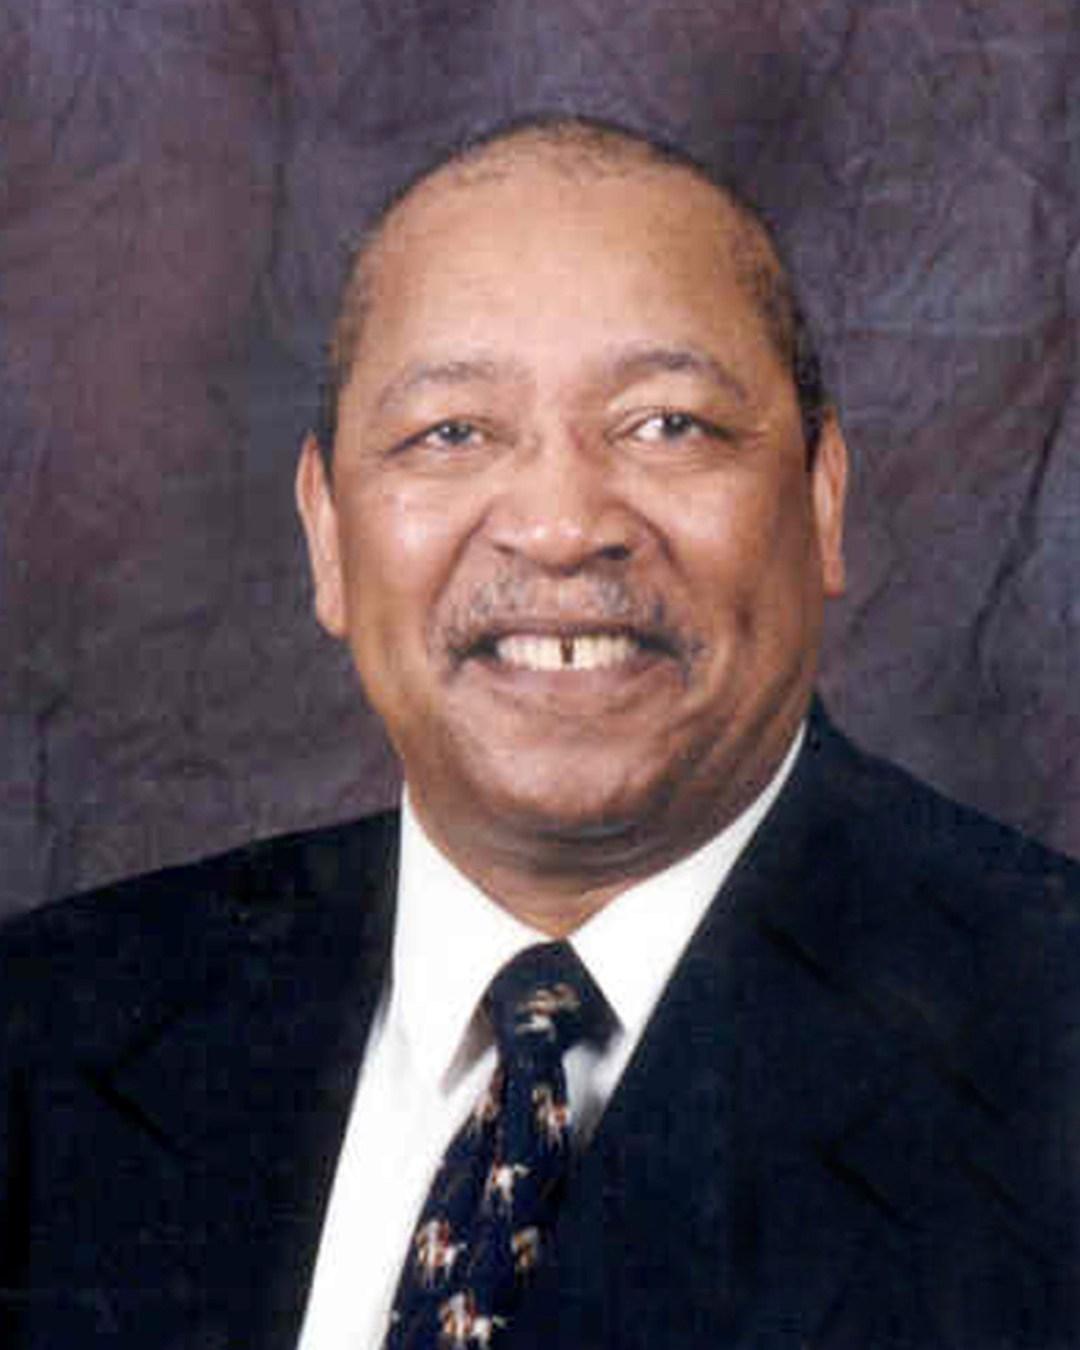 Carl E. Kelly